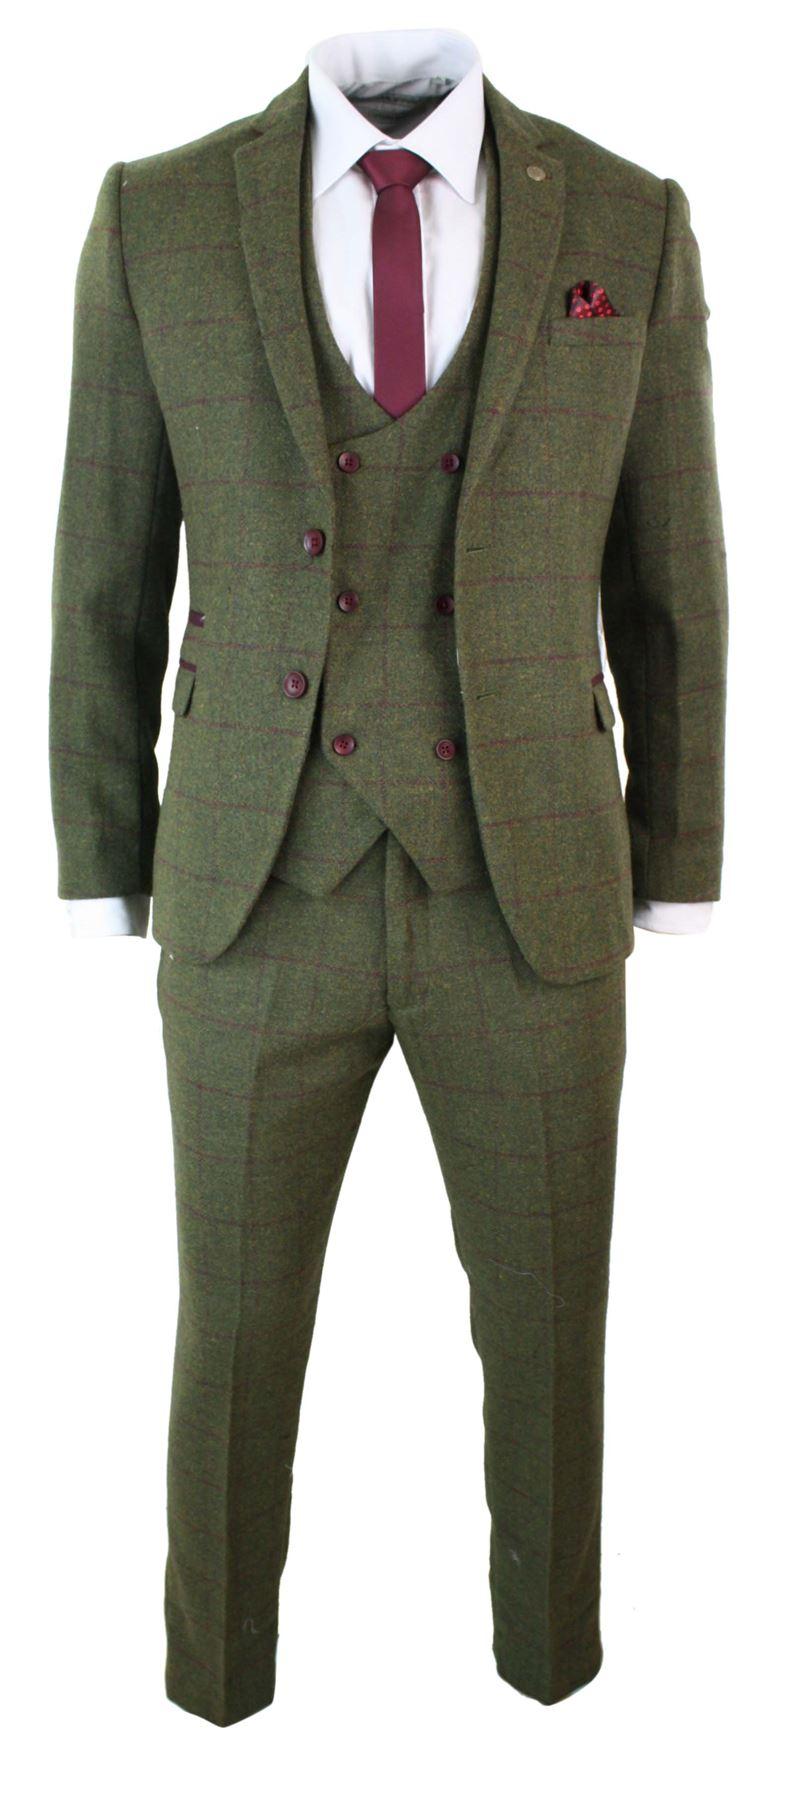 costume 3 pi ces homme tweed carreaux vert olive et. Black Bedroom Furniture Sets. Home Design Ideas